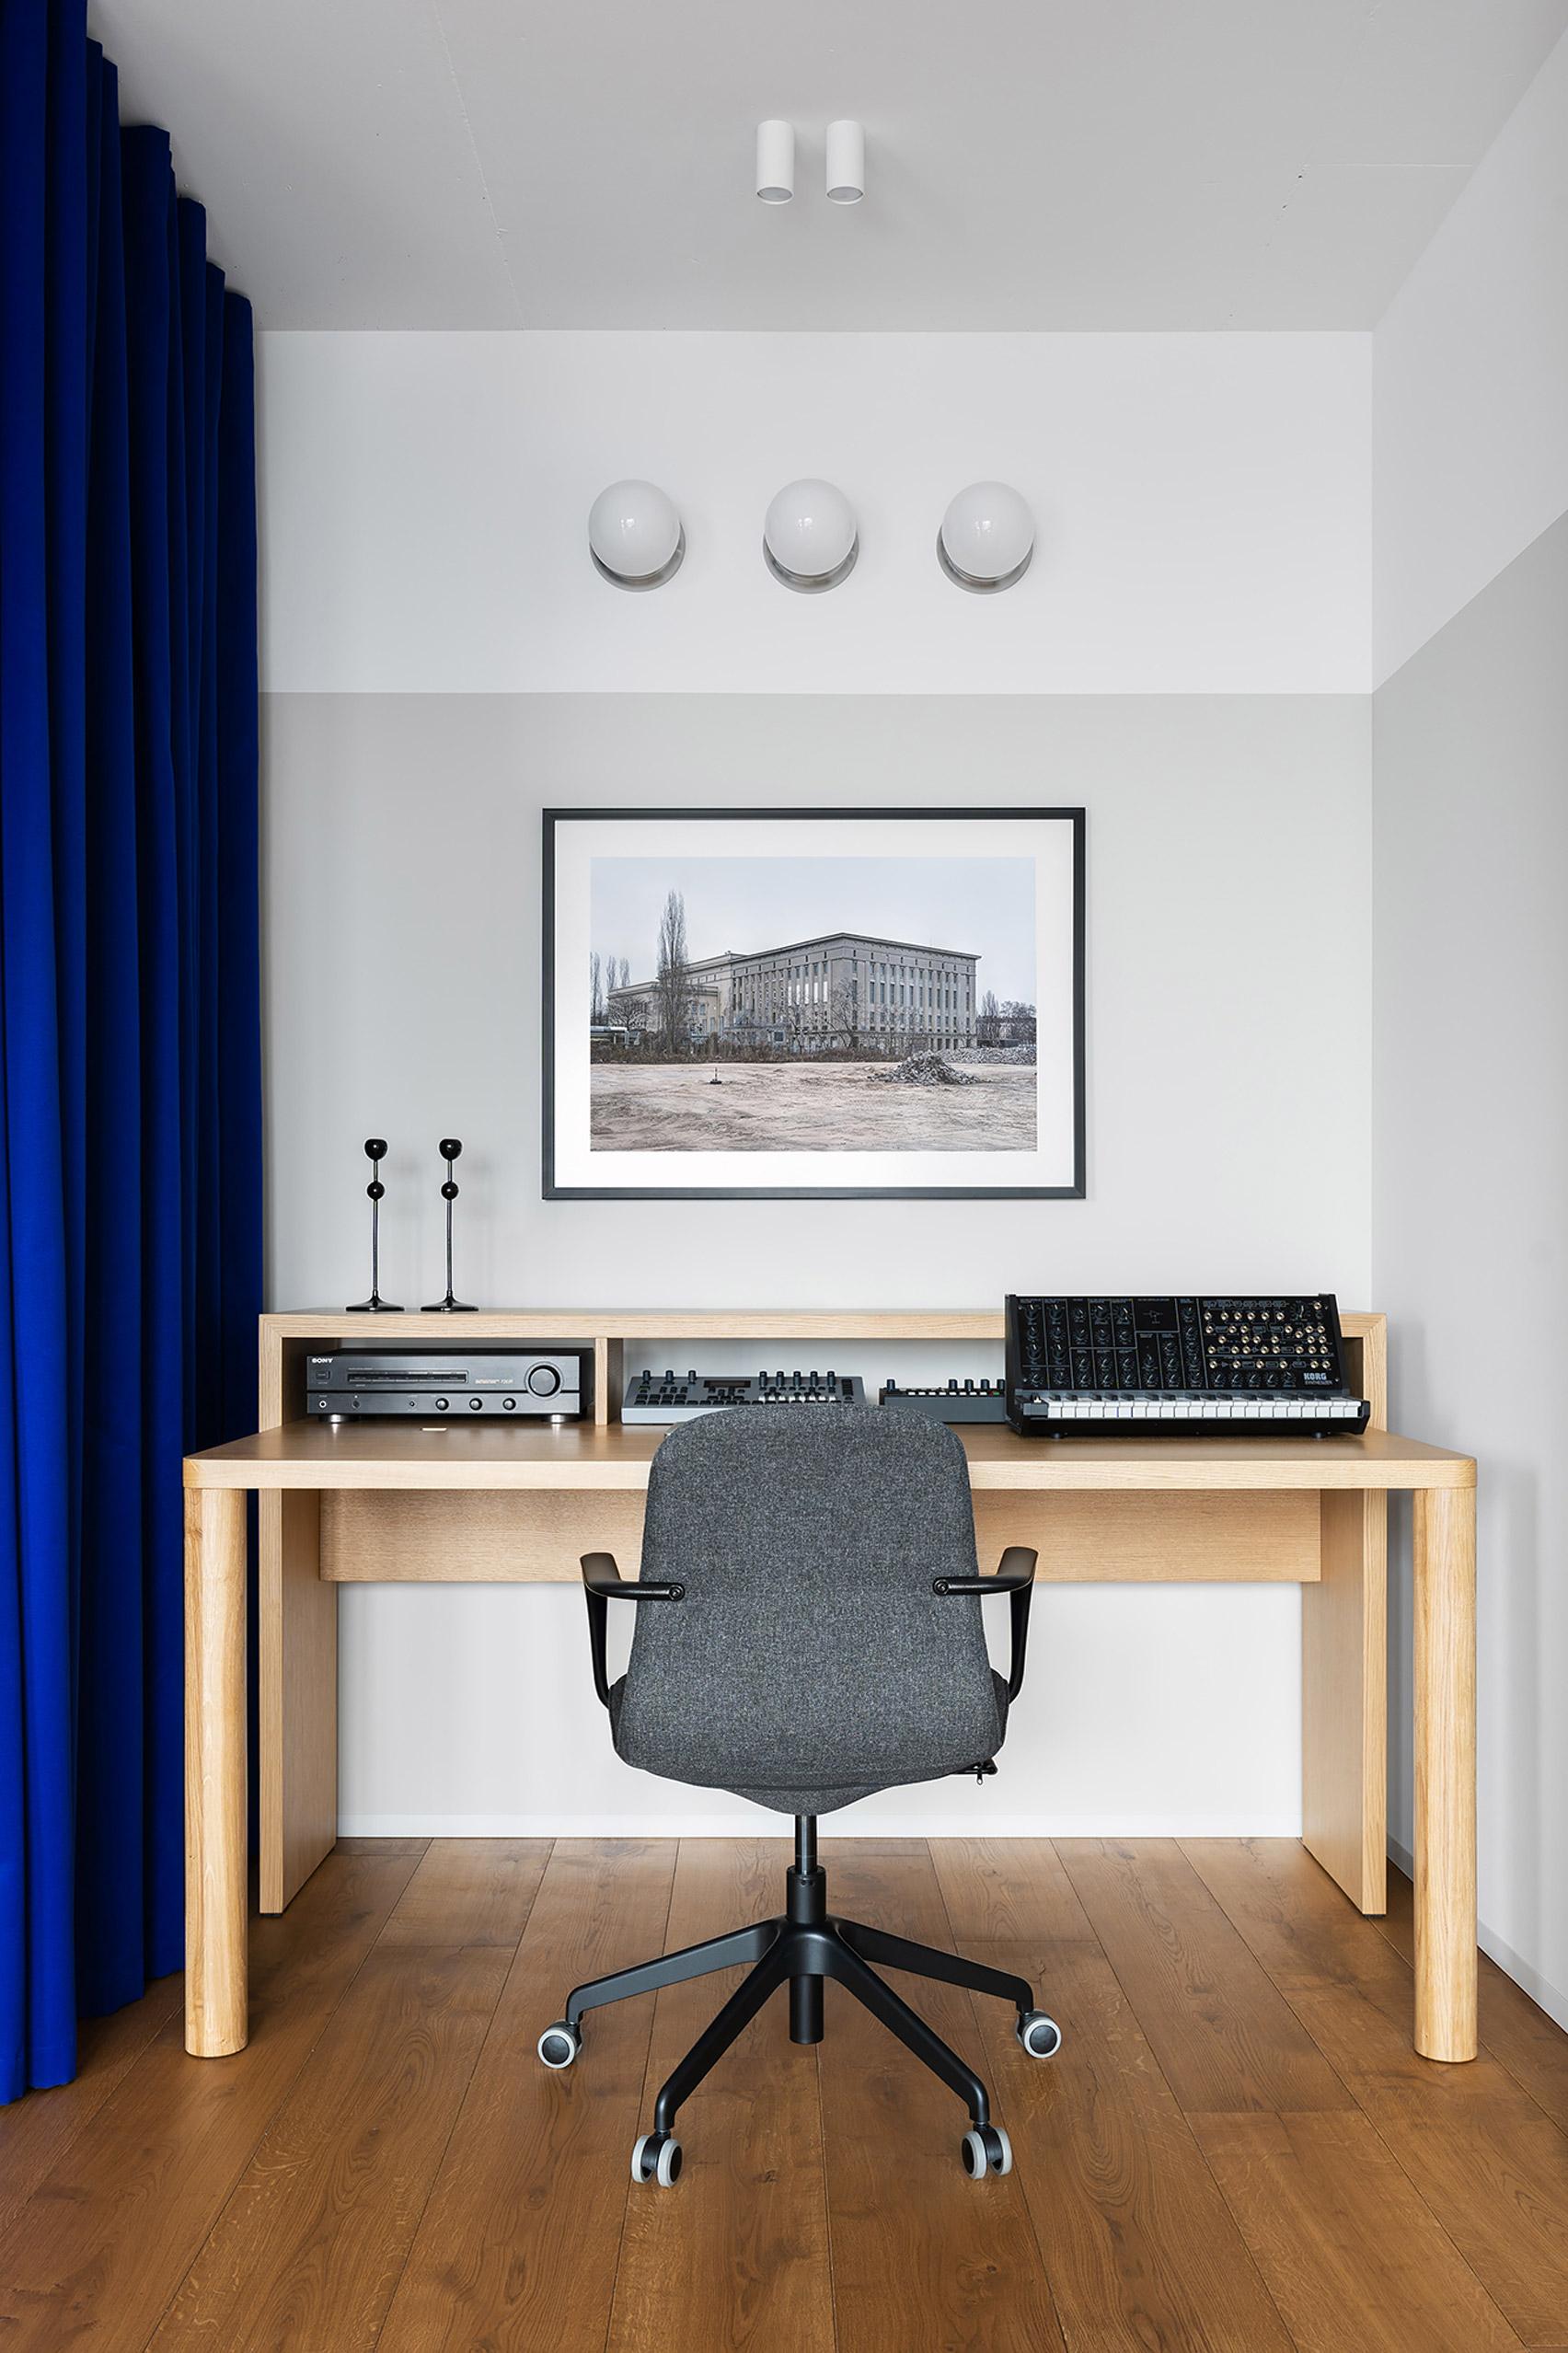 butas Egr-apartment-ater-architects-kyiv-ukraine-architecture_dezeen_1704_col_16